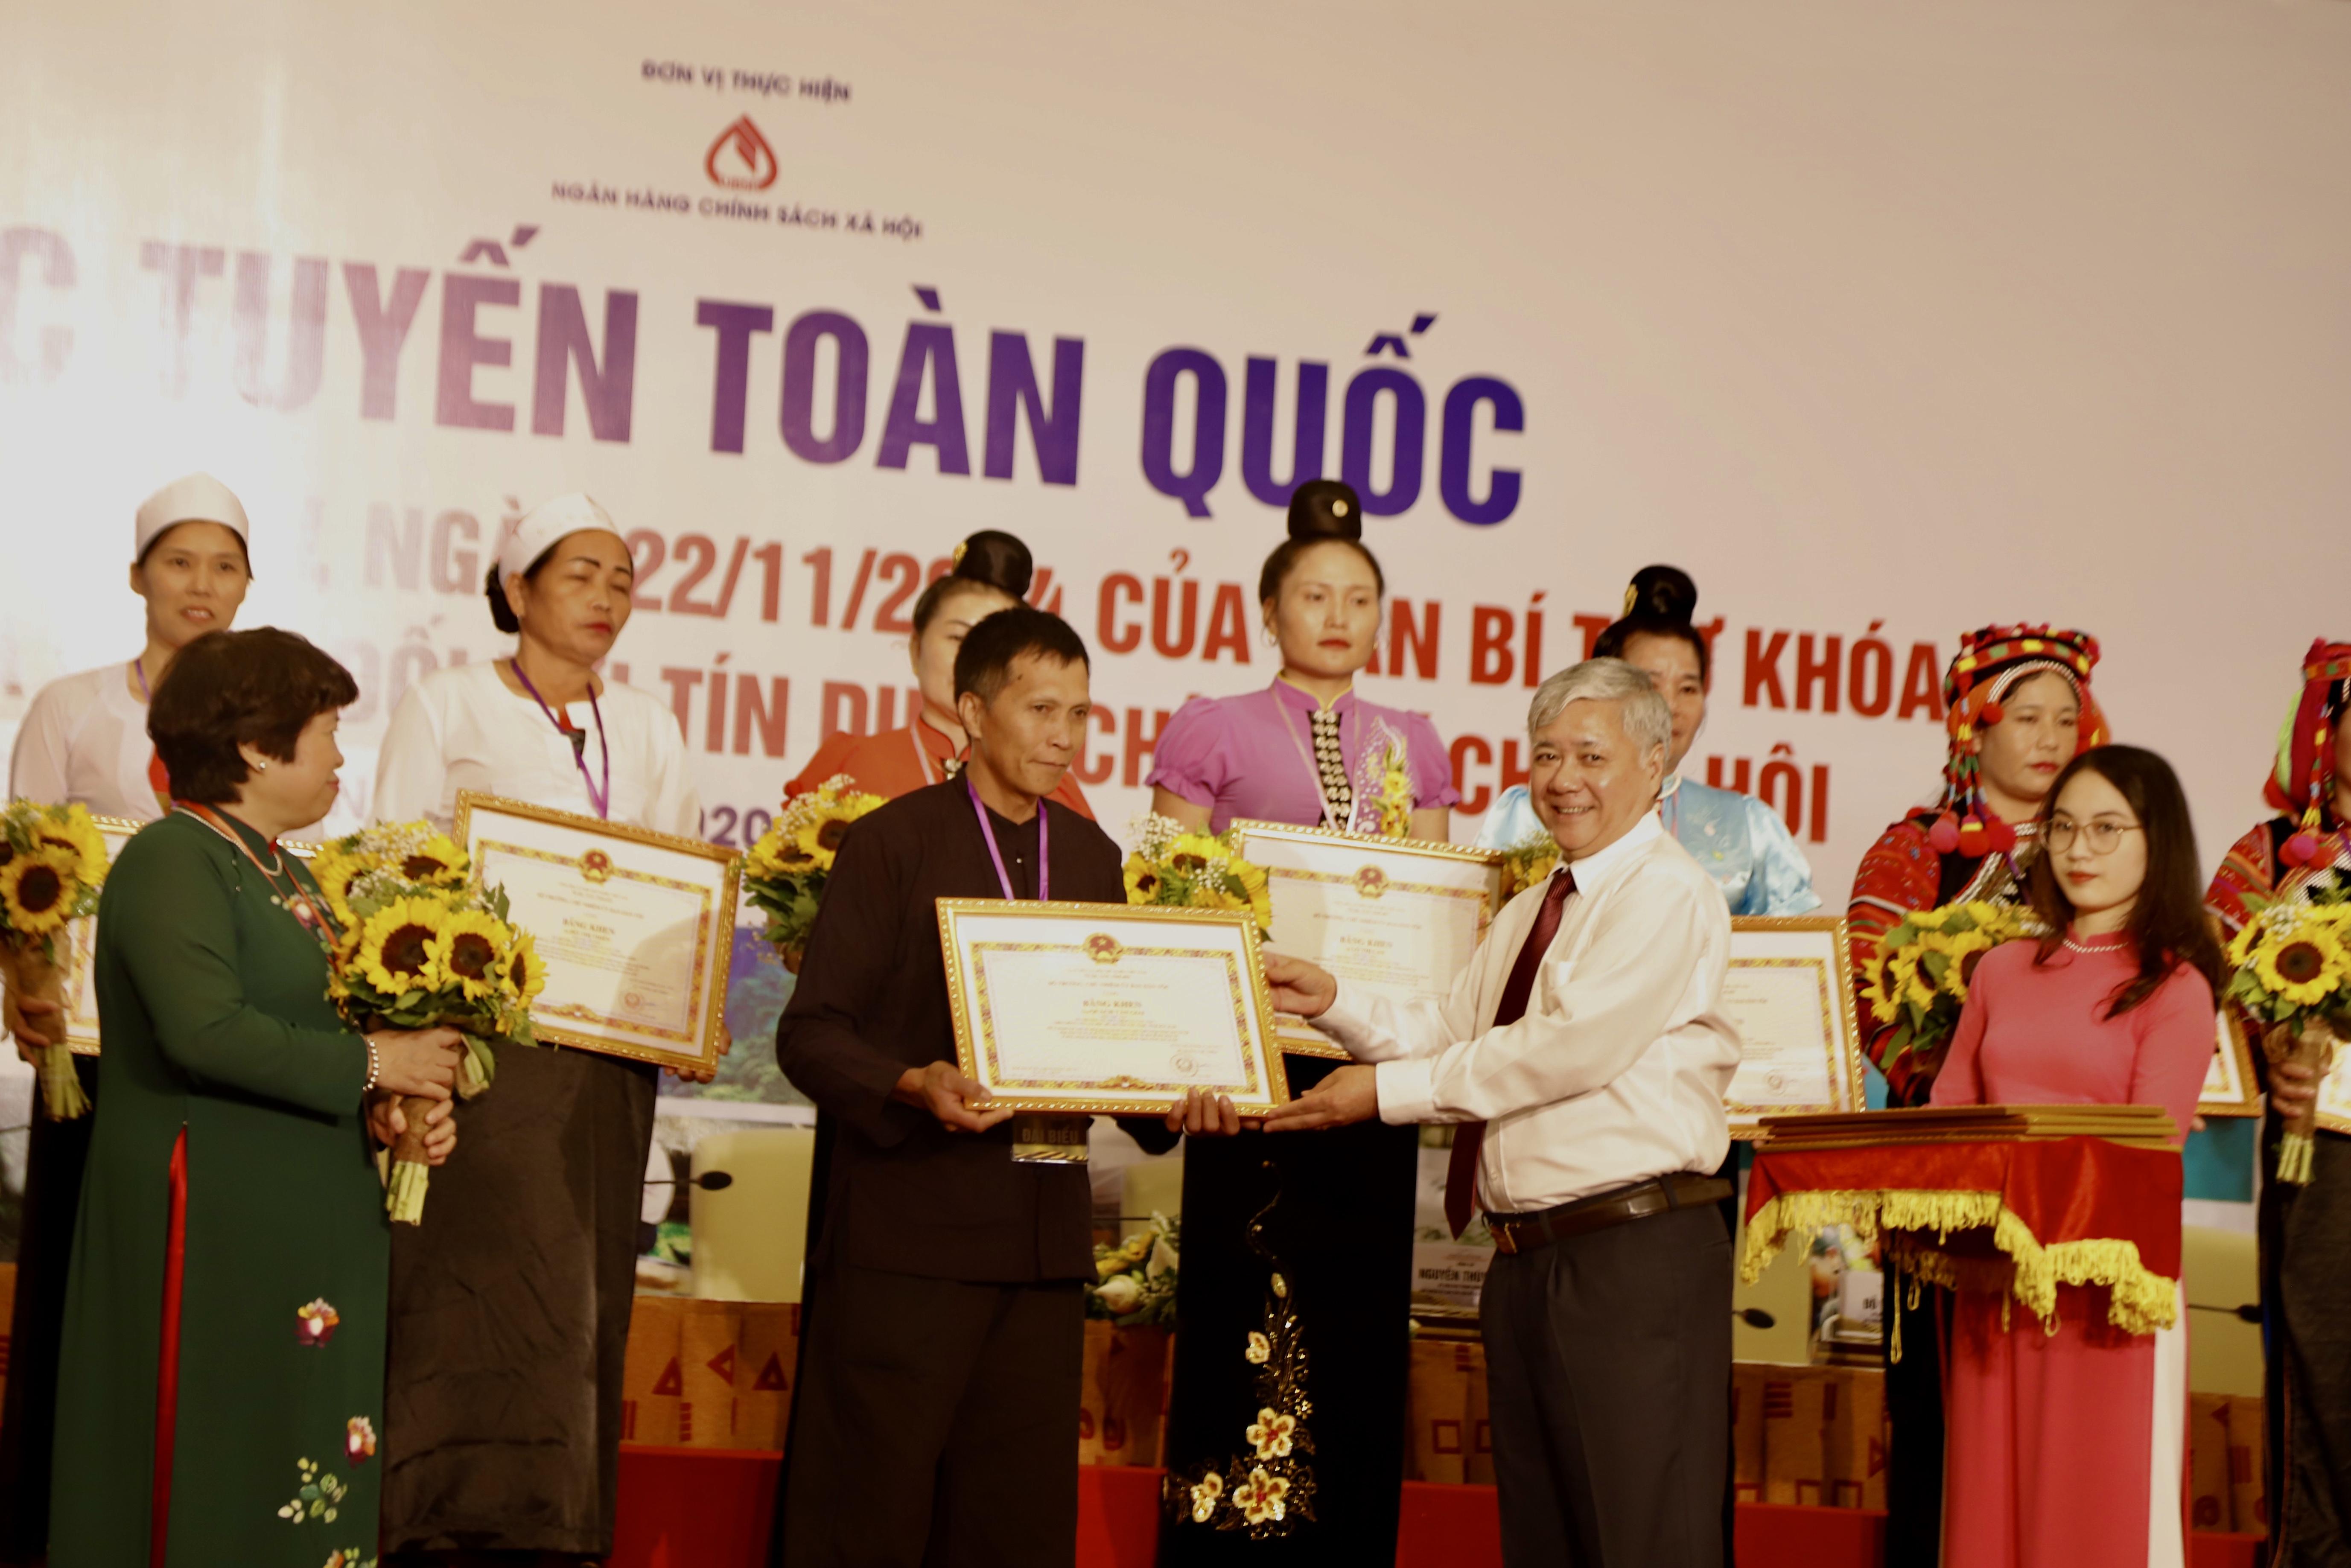 Bộ trưởng, Chủ nhiệm UBDT Đỗ Văn Chiến tặng Bằng khen cho các Tổ trưởng tổ tiết kiệm vay vốn.